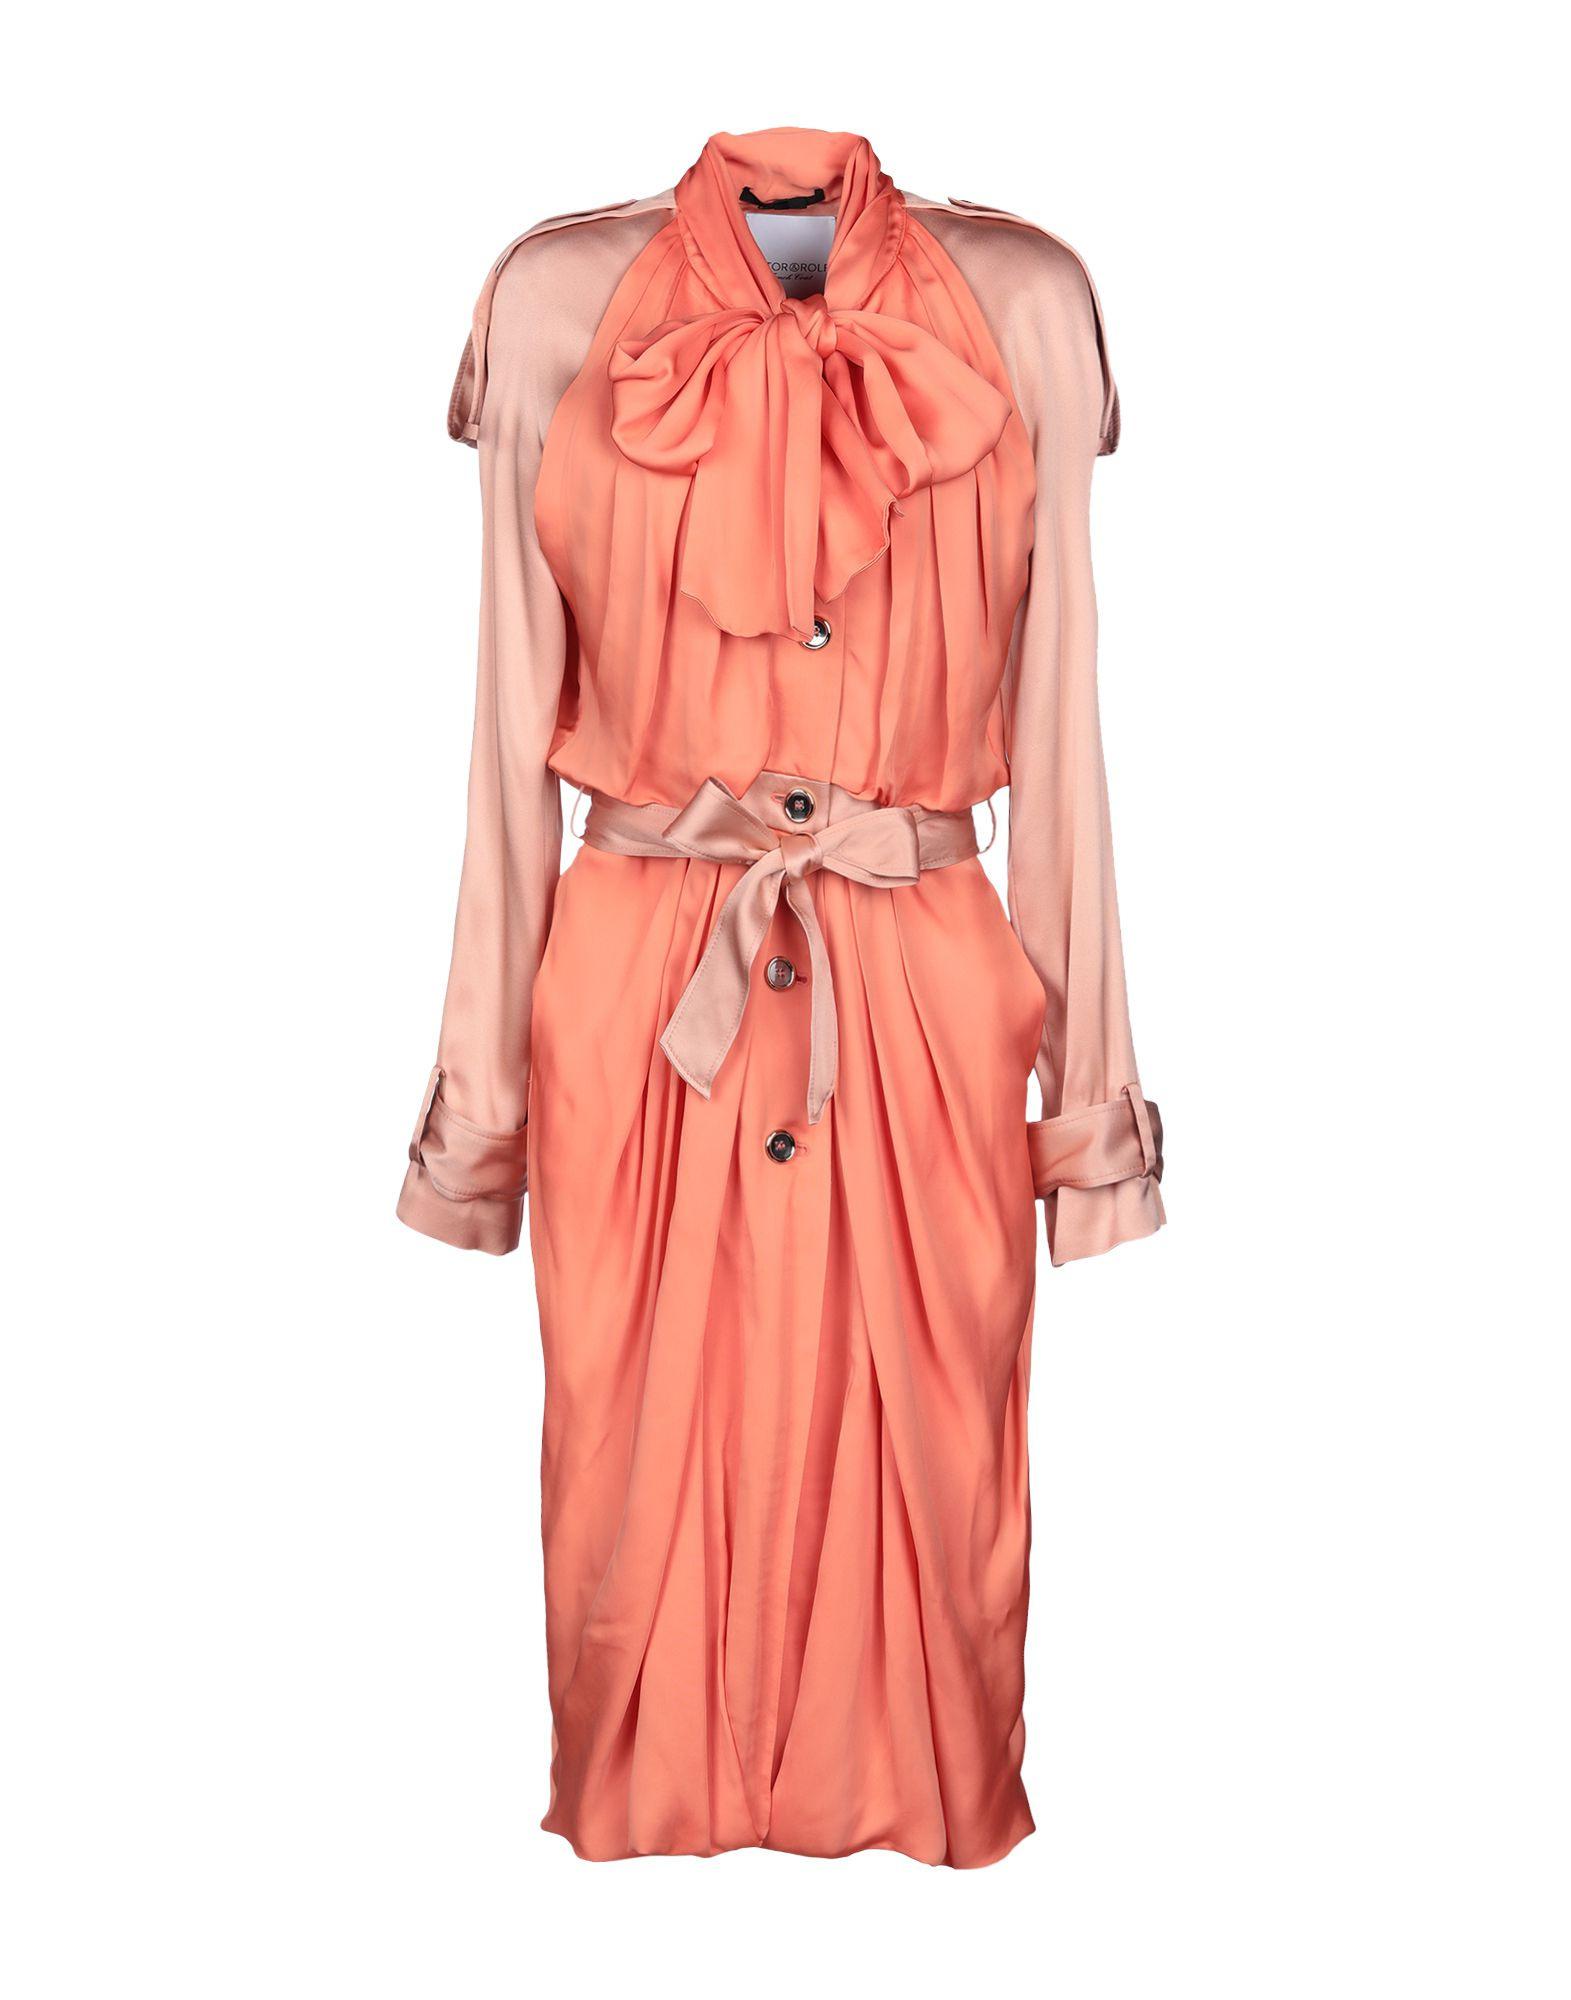 15 Perfekt Abendkleider Yoox für 201920 Genial Abendkleider Yoox Design